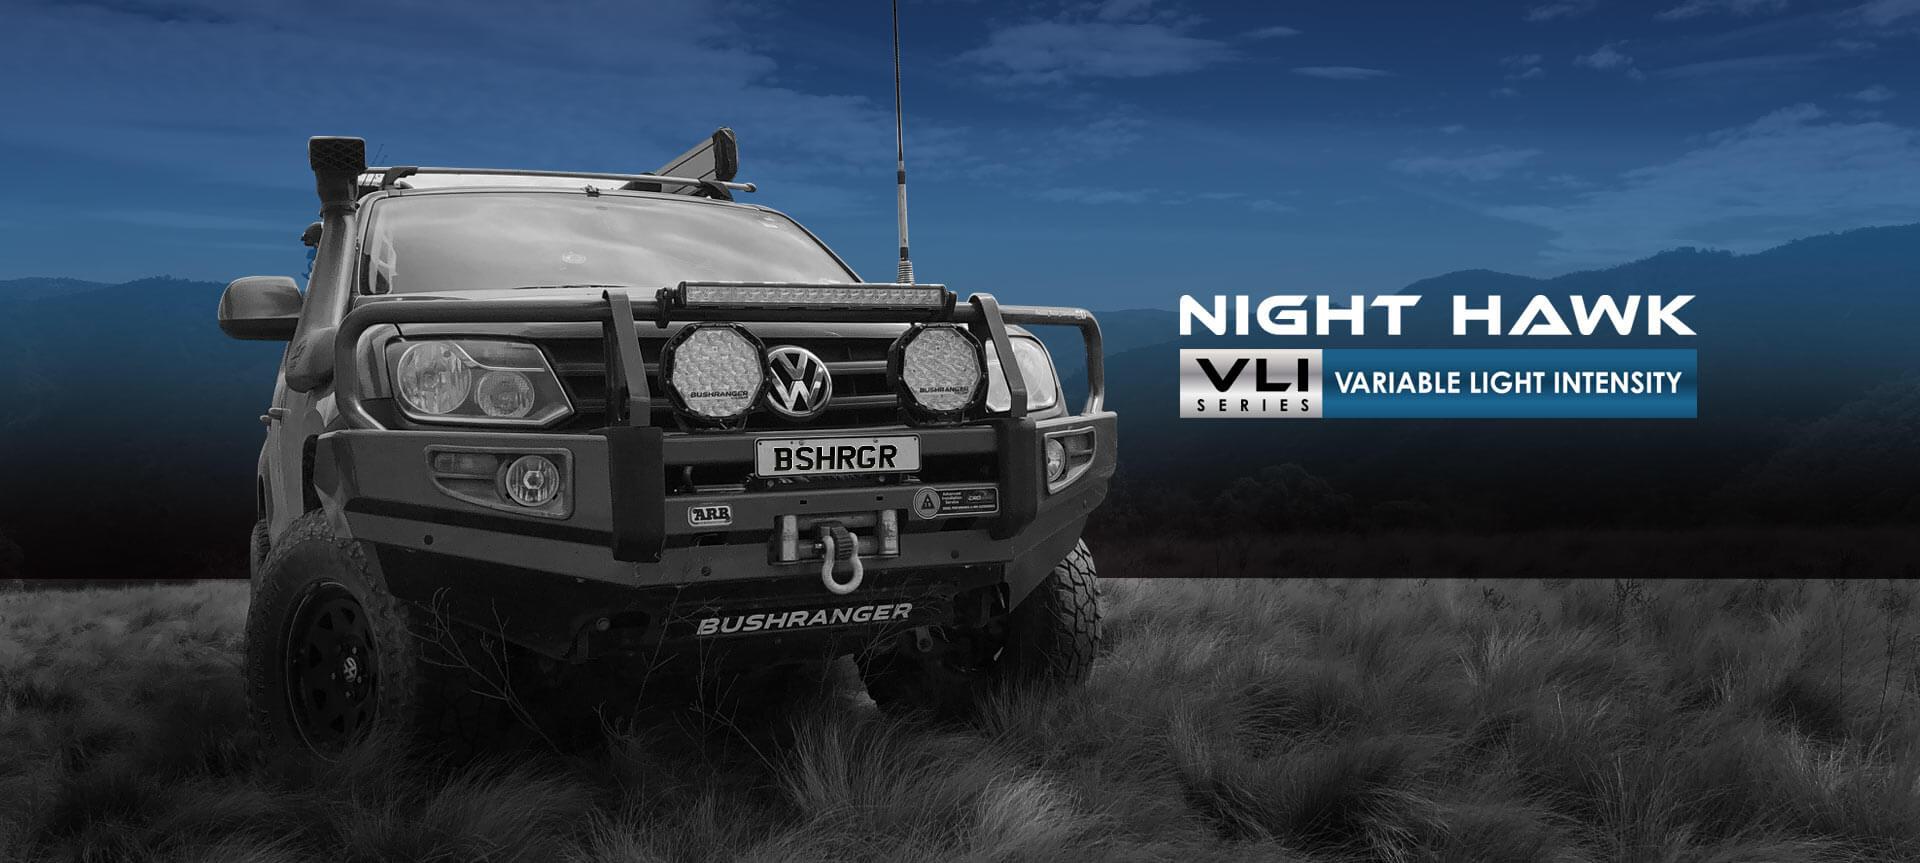 Bushranger Night Hawk Driving Lights